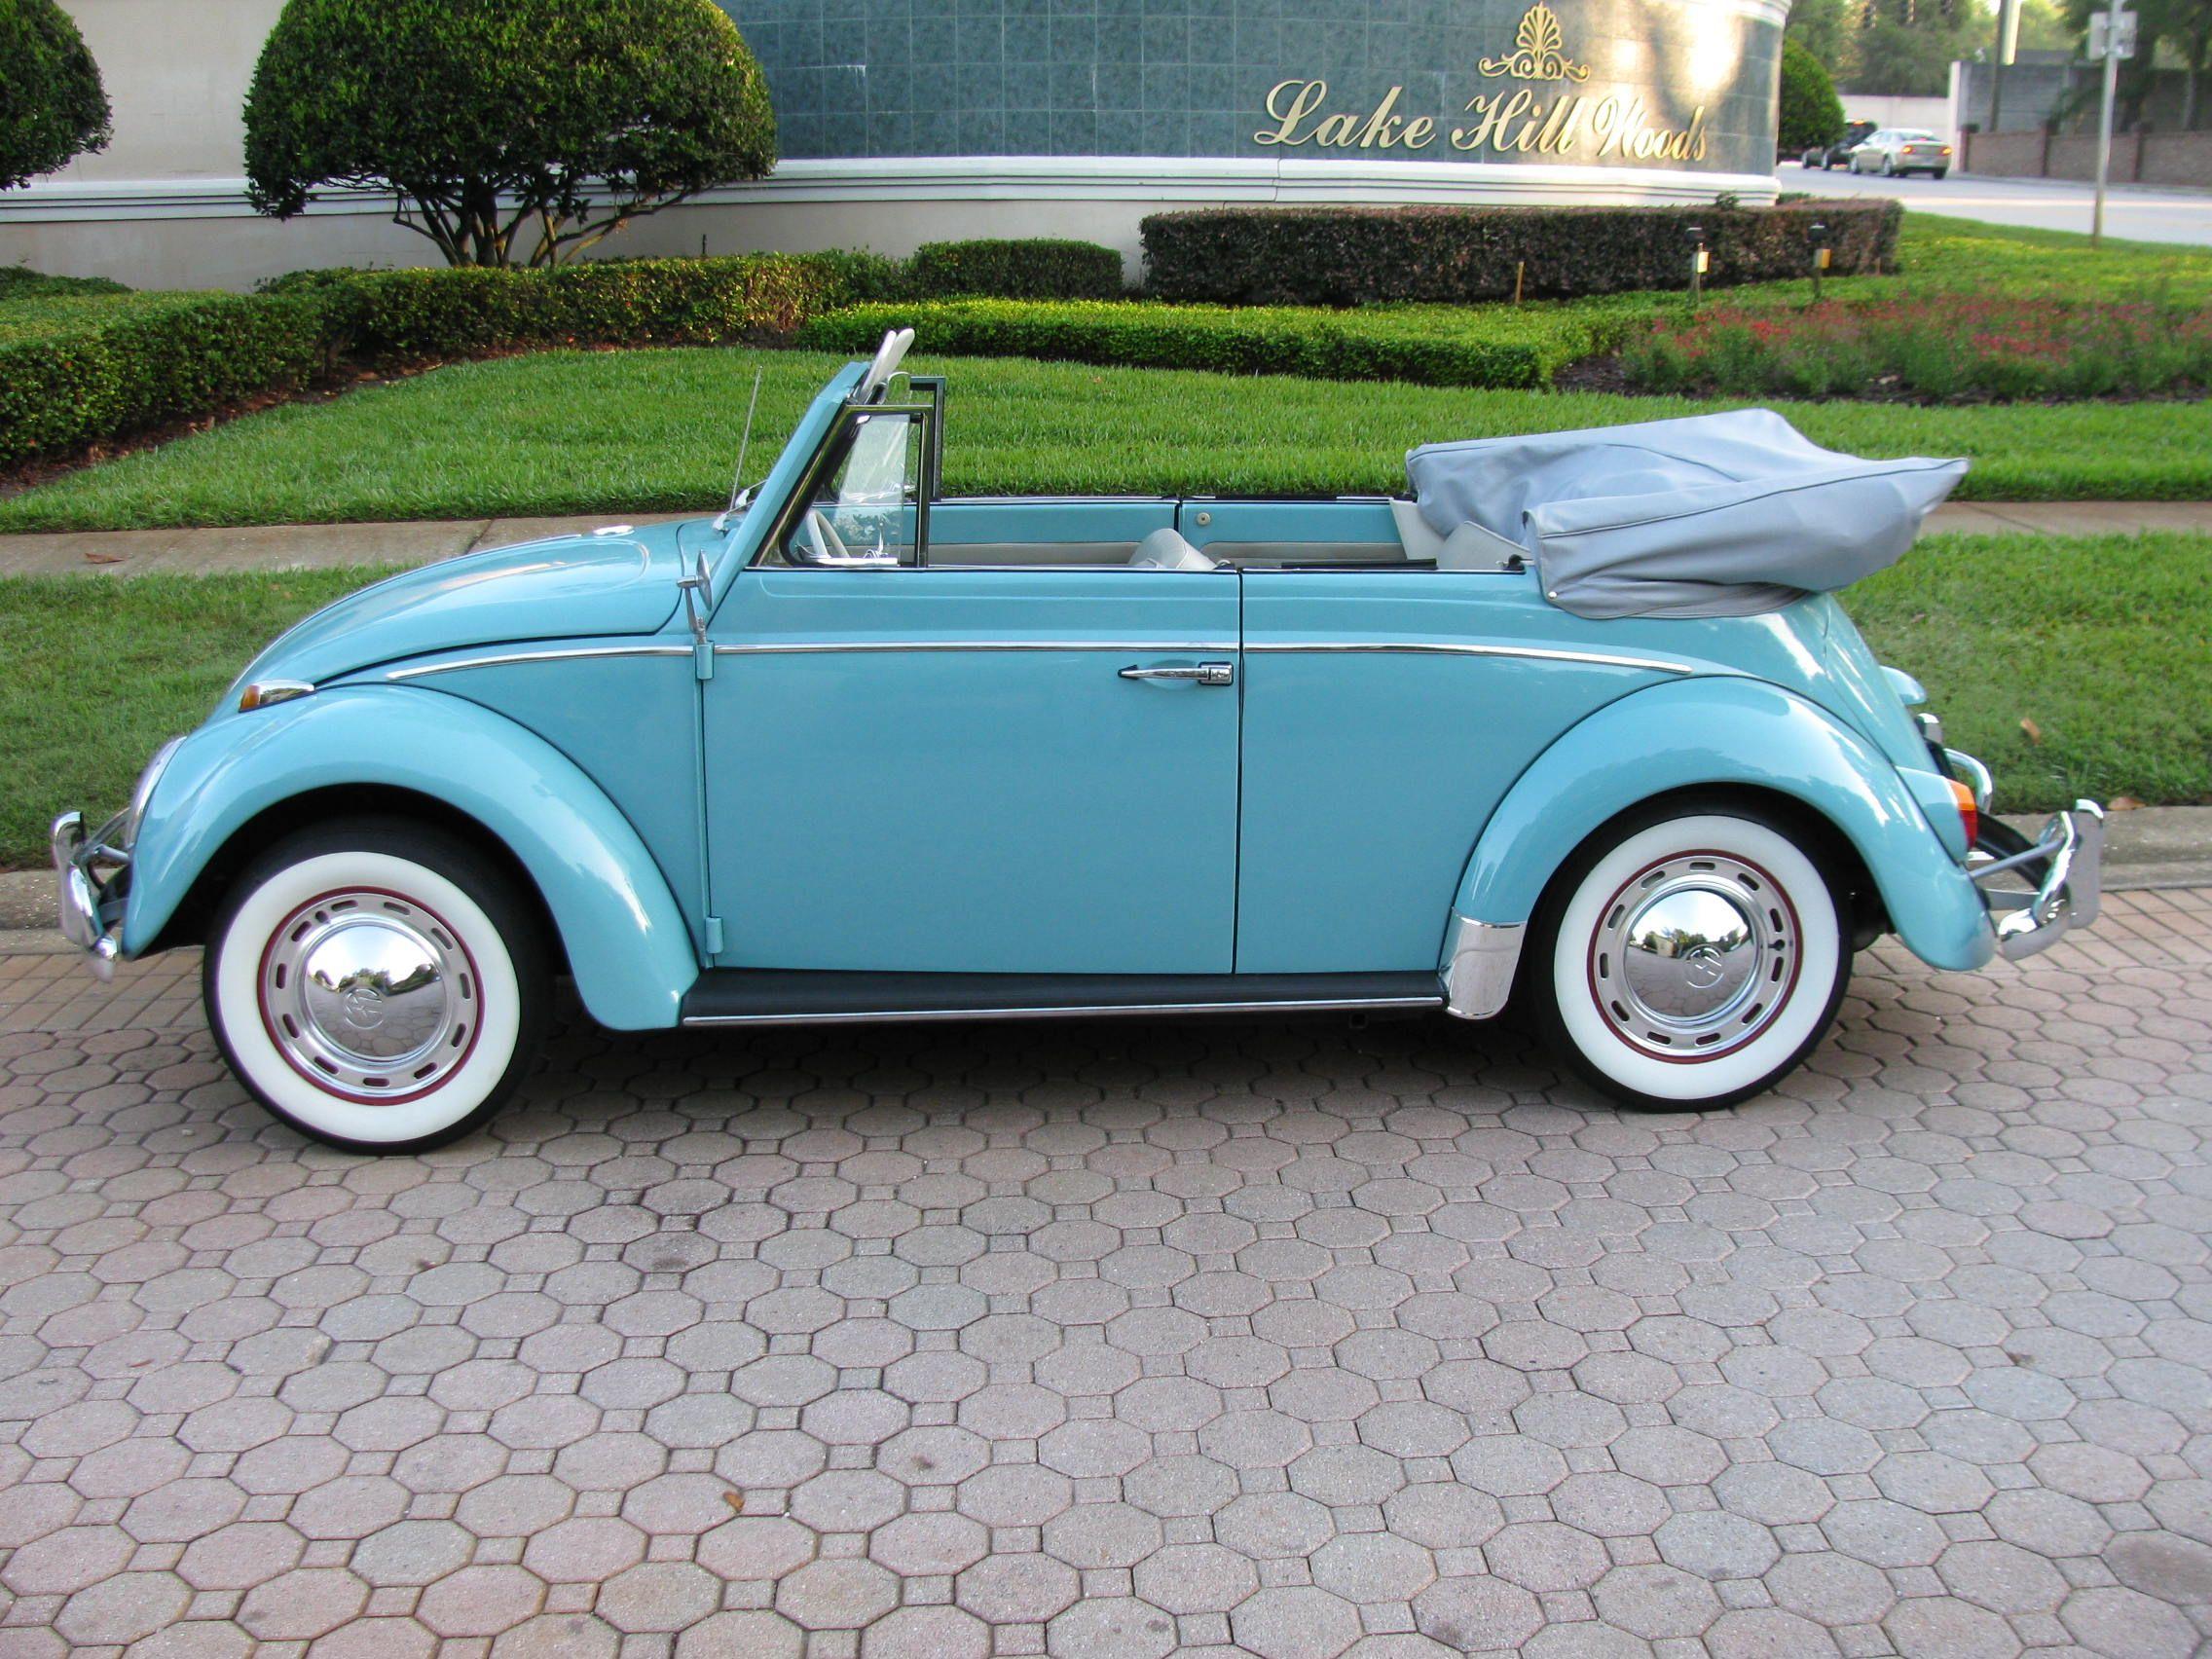 convertible autoform beetle volkswagen vehicles